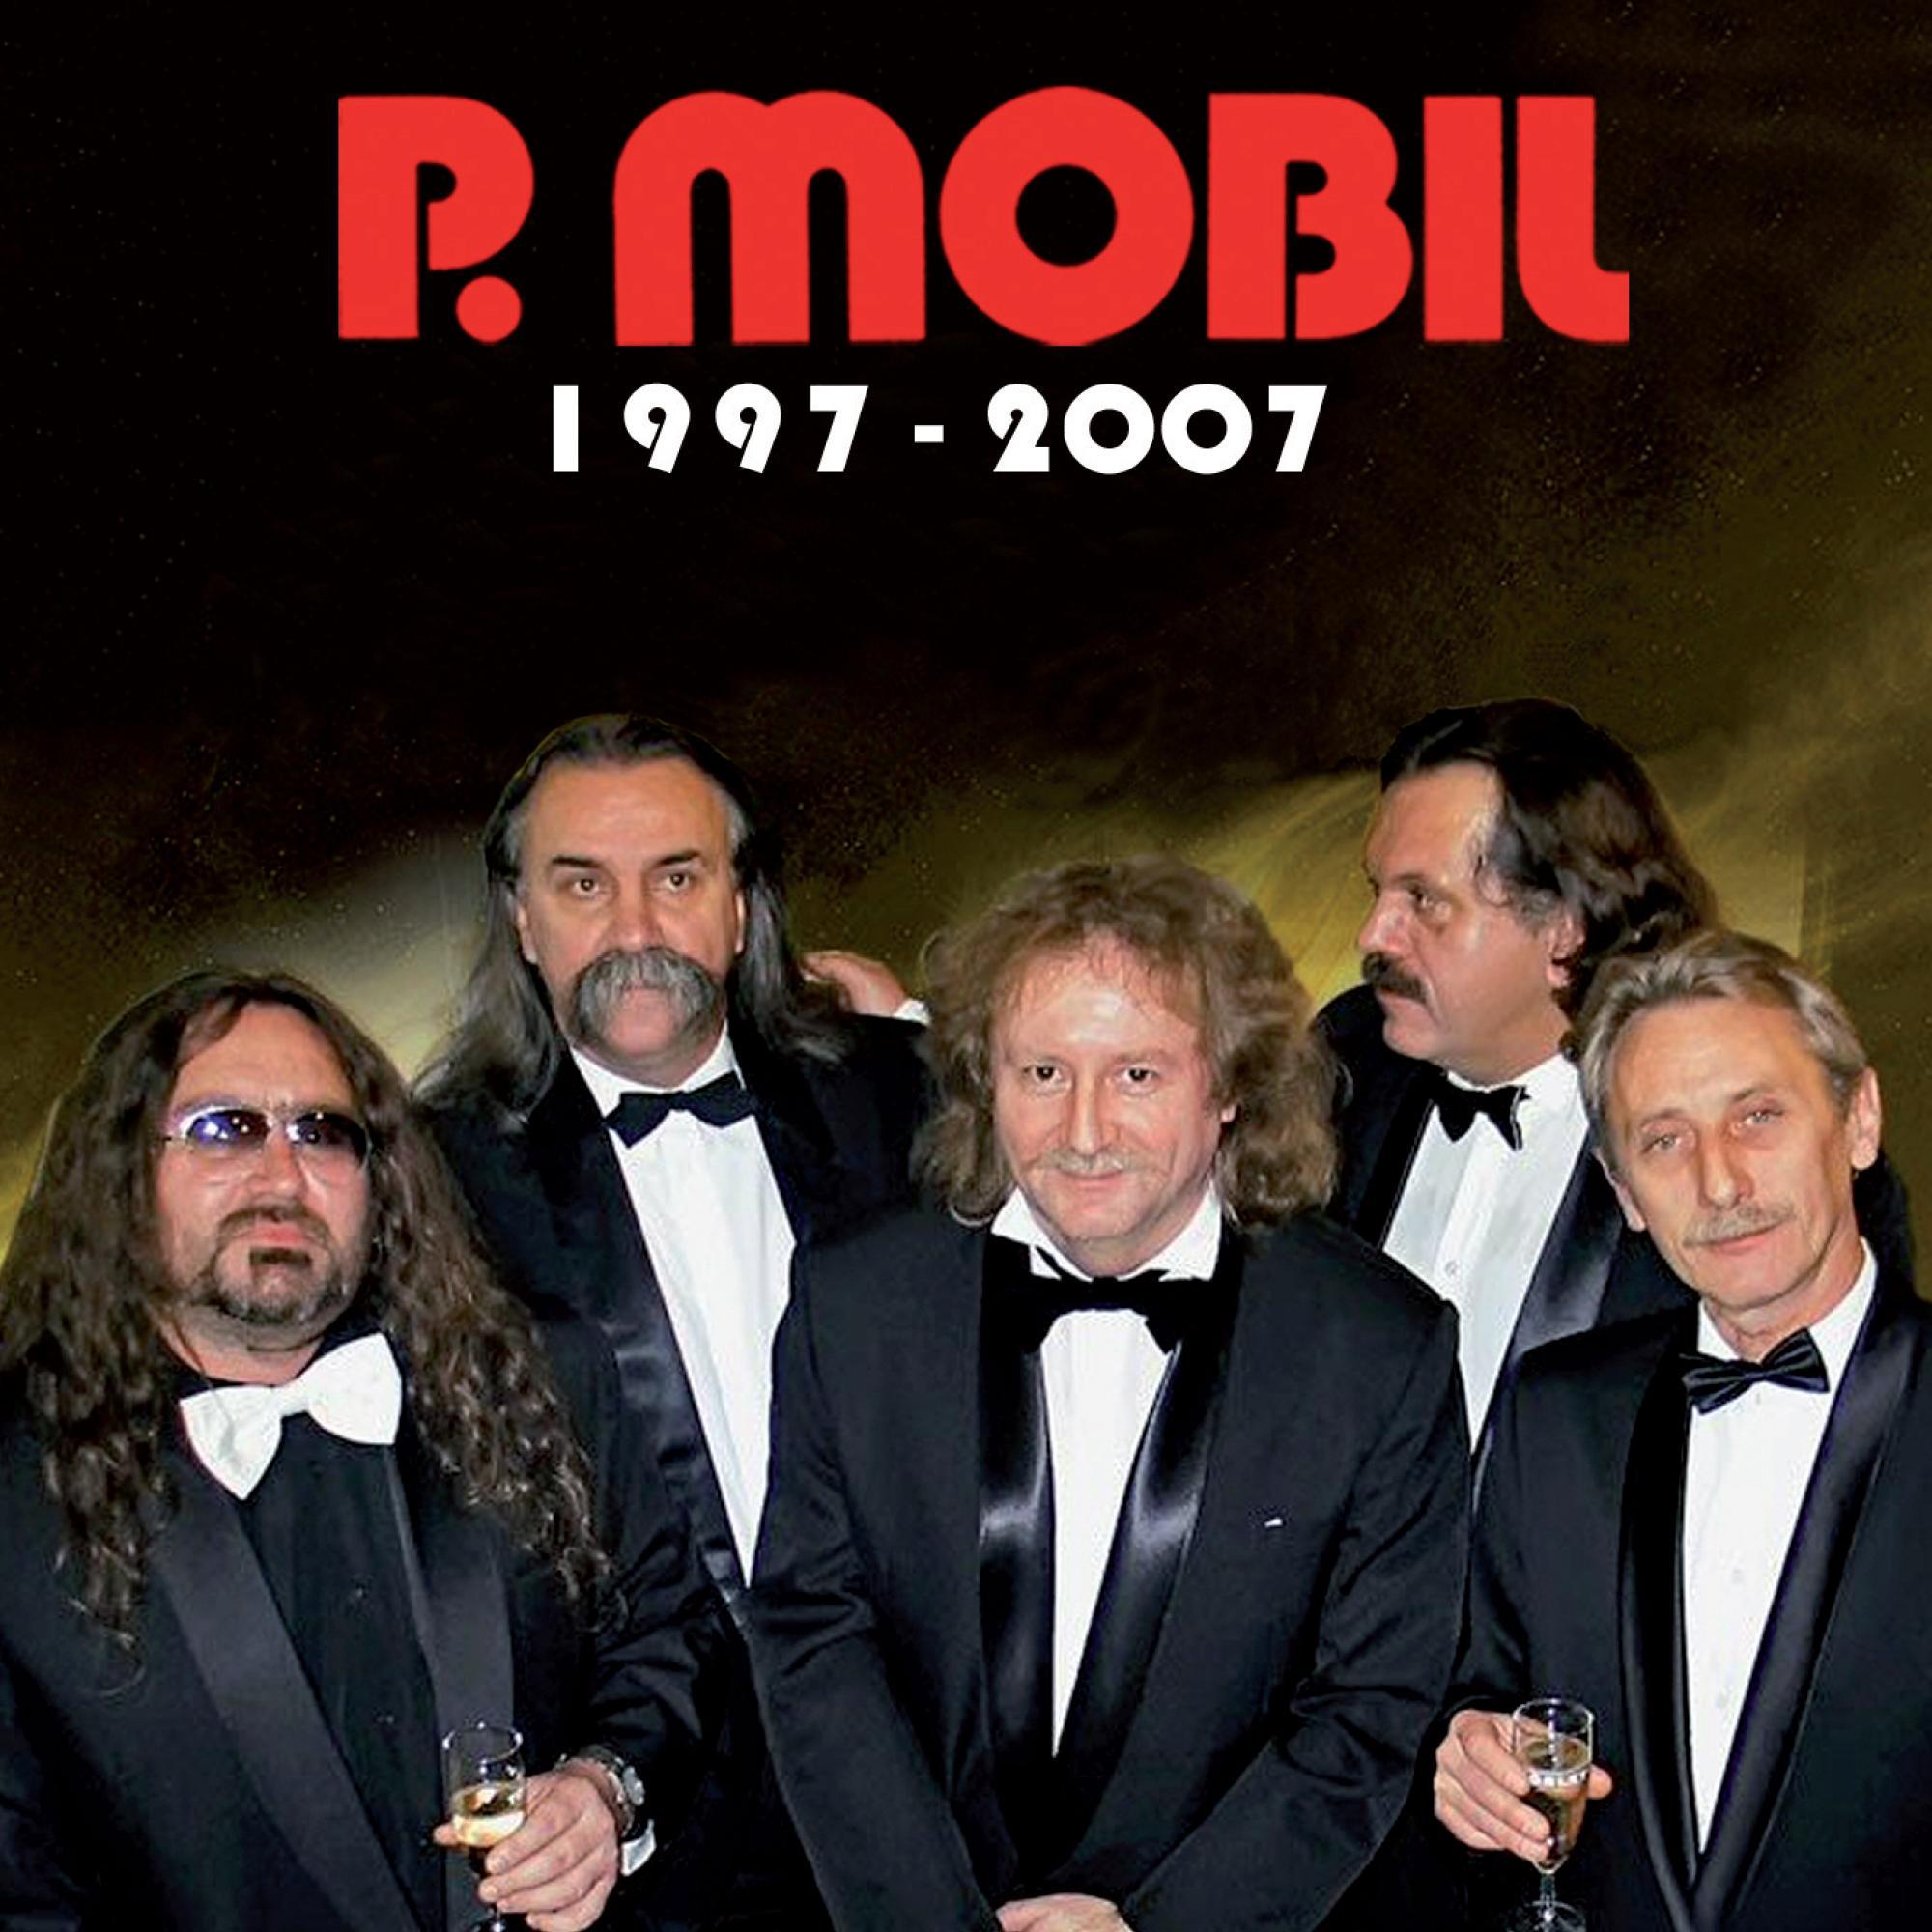 P.MOBIL - P.MOBIL - 1997-2007   - 3CD -